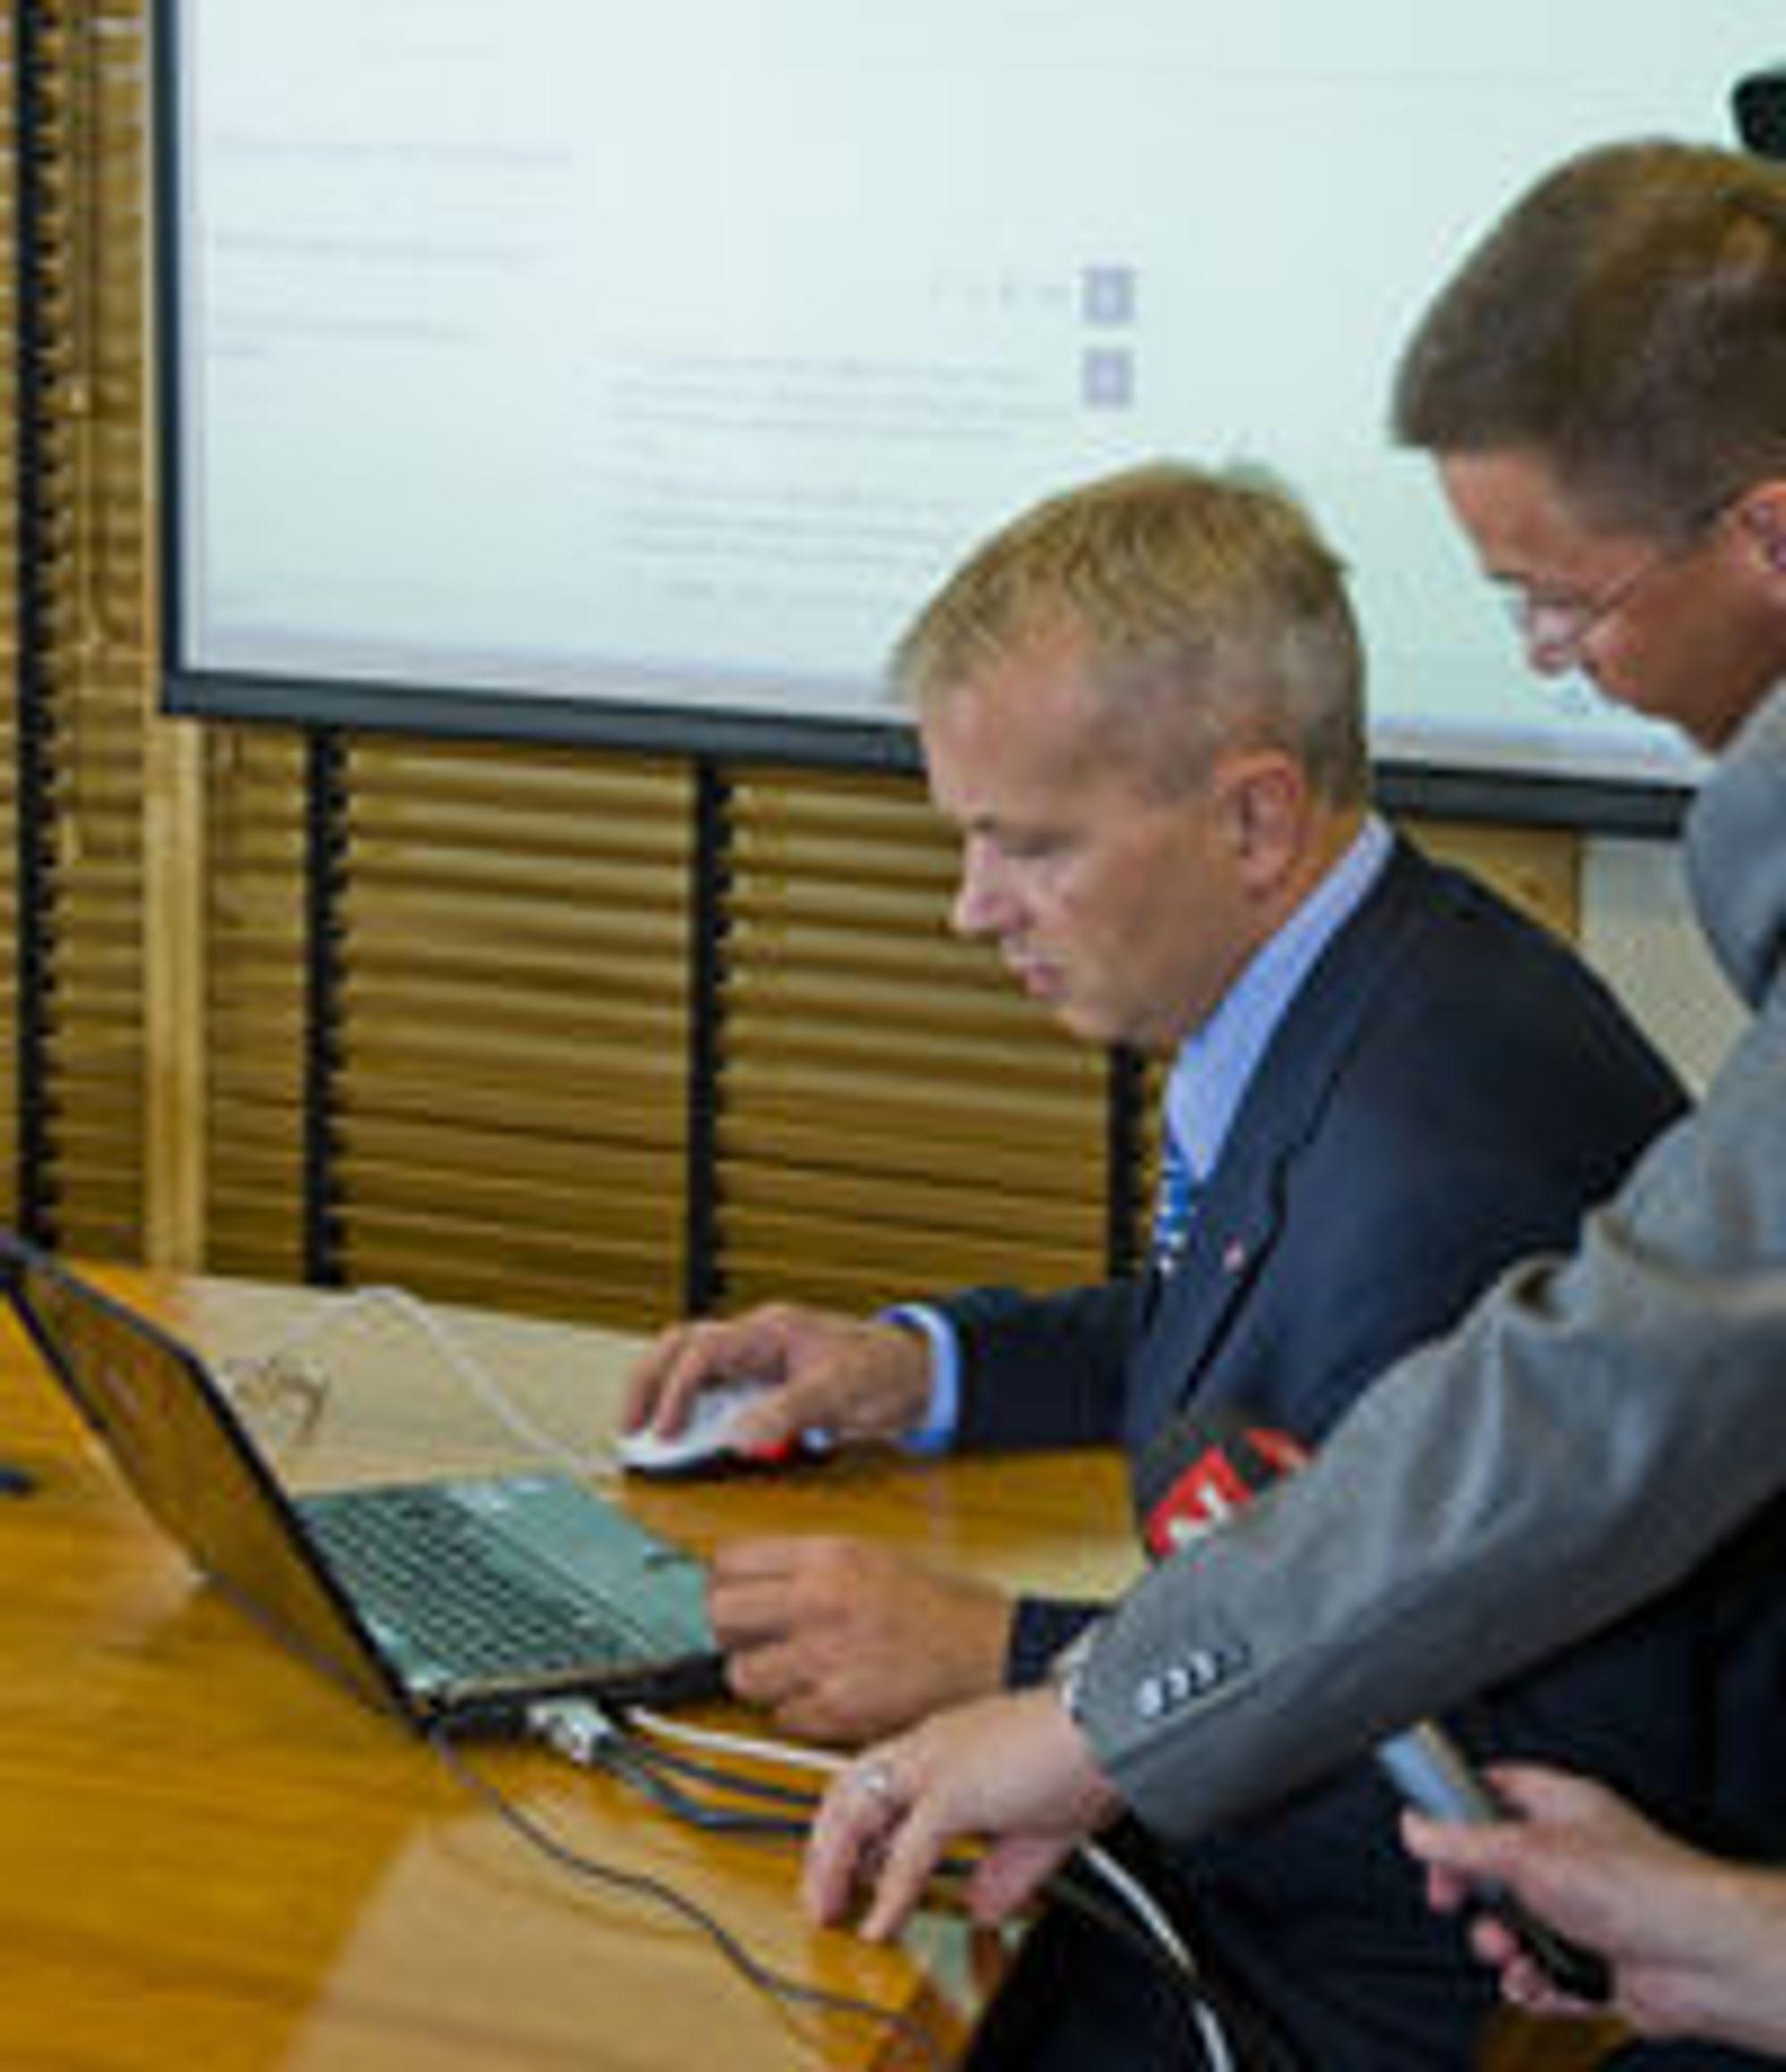 Justisminister Knut Storberget (Ap) demonstrerer løsningen for elektronisk anmeldelse. Våre naboland har hatt denne muligheten i mange år allerede. (Foto: Per Ervland)